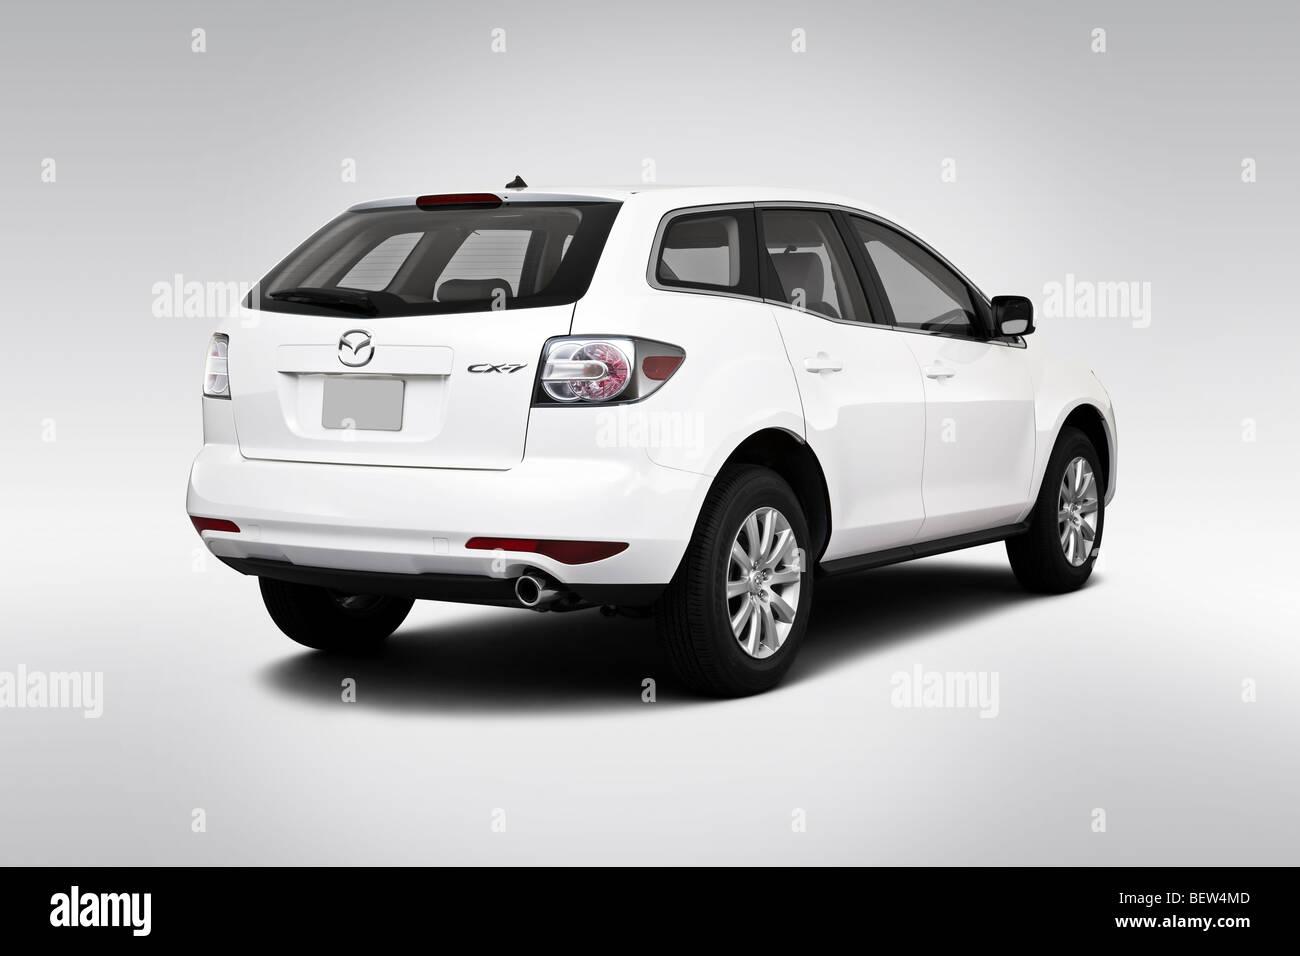 Kelebihan Kekurangan Mazda C7 Spesifikasi